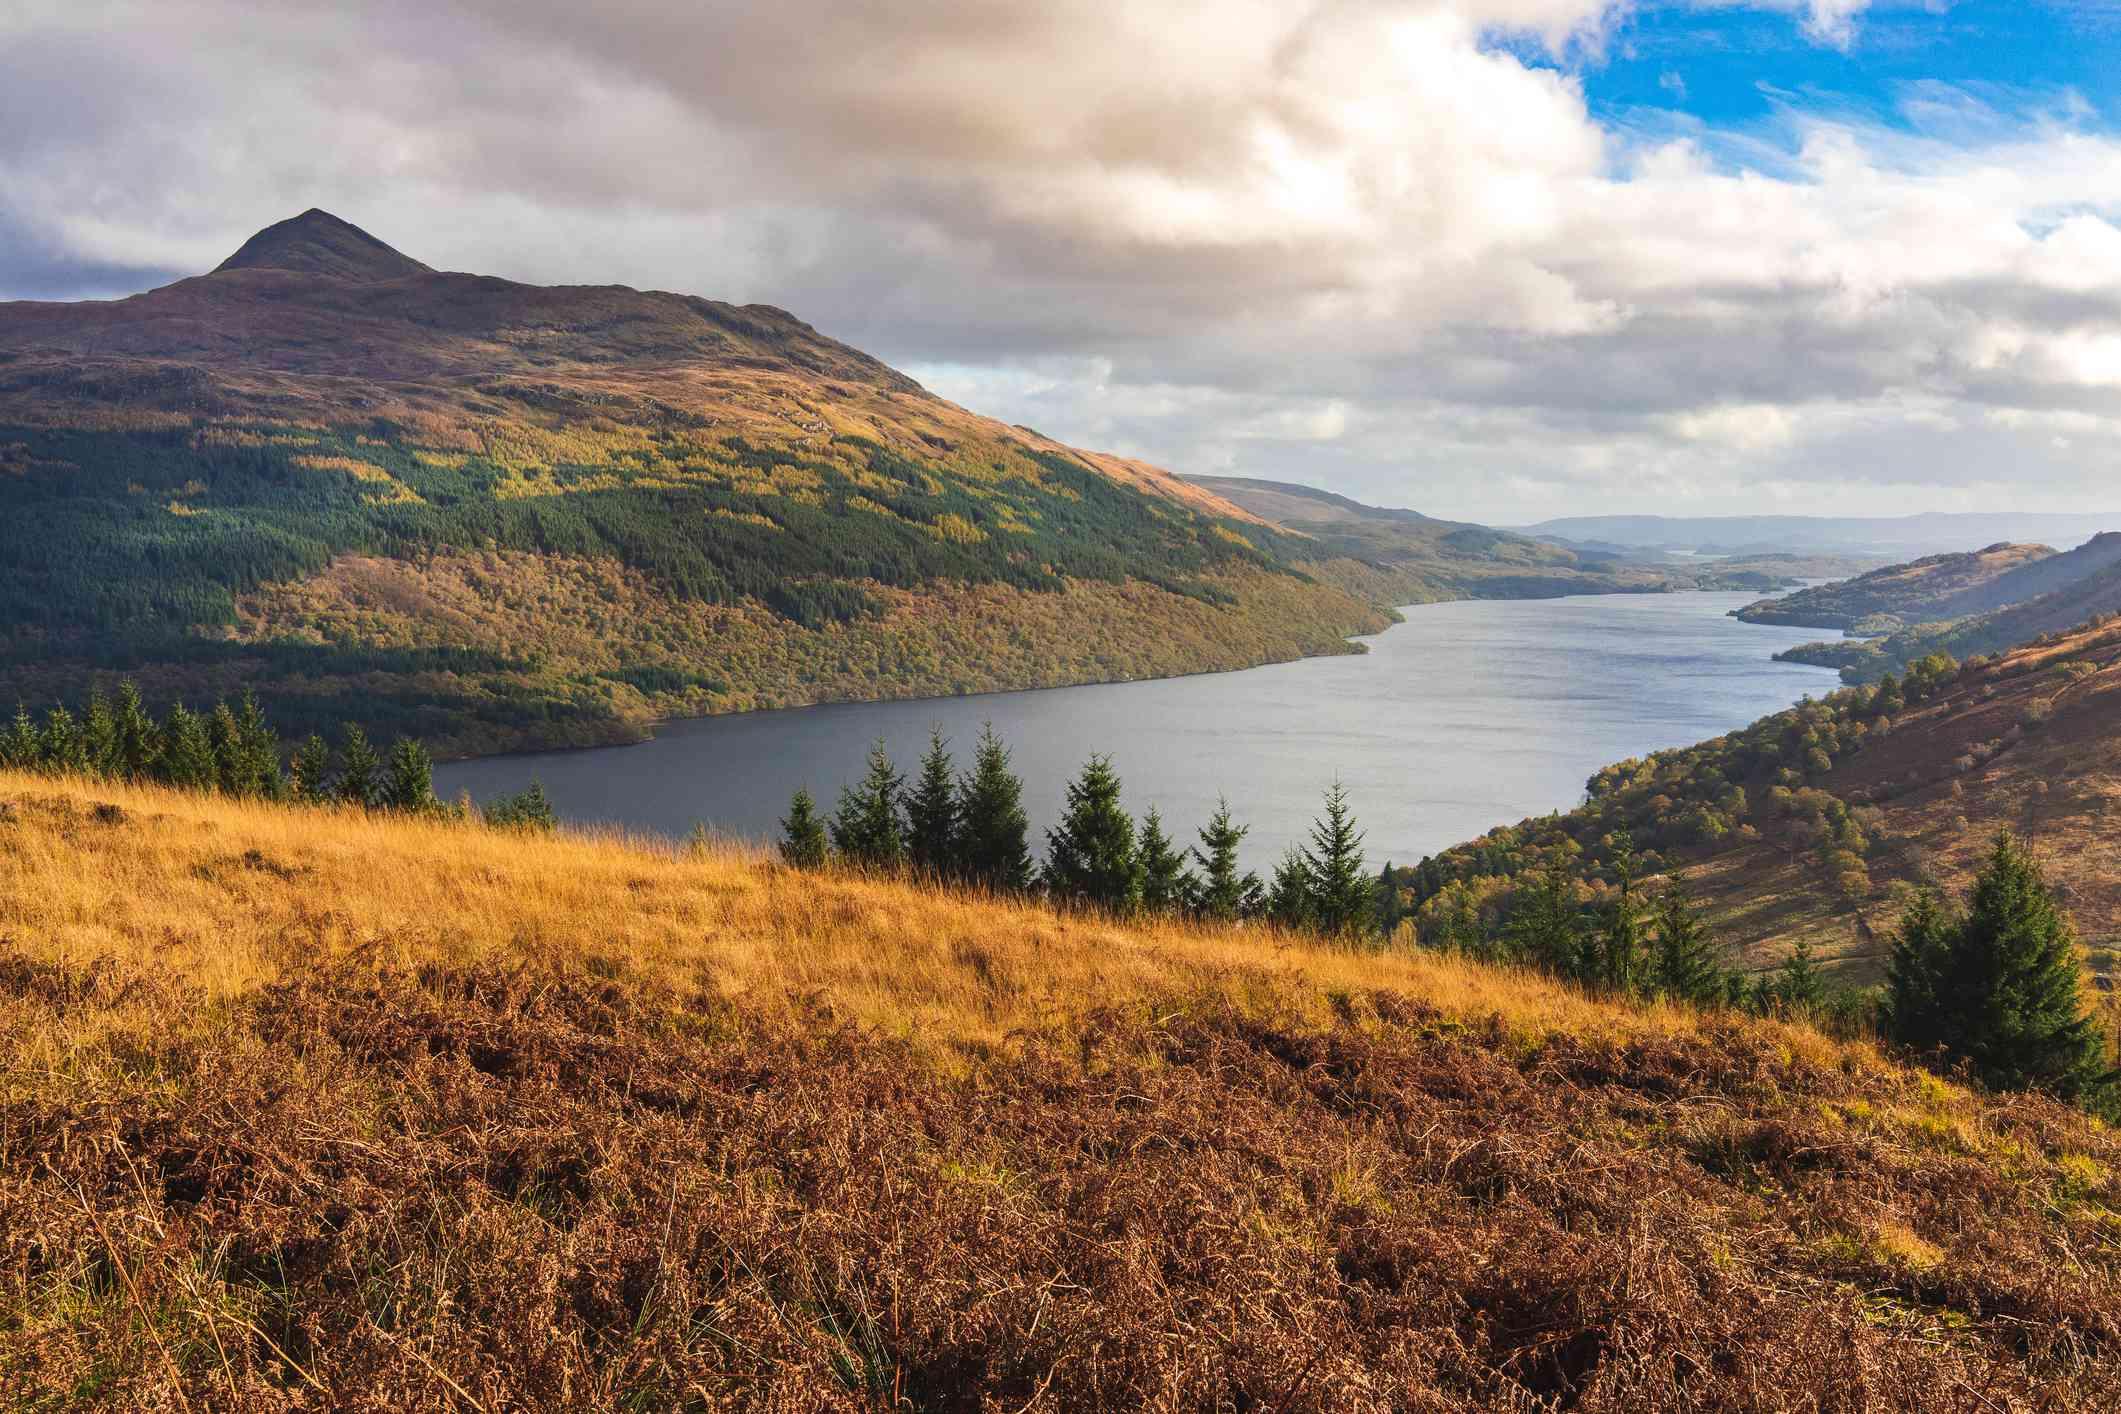 Loch Lomond in the autumn, Scotland